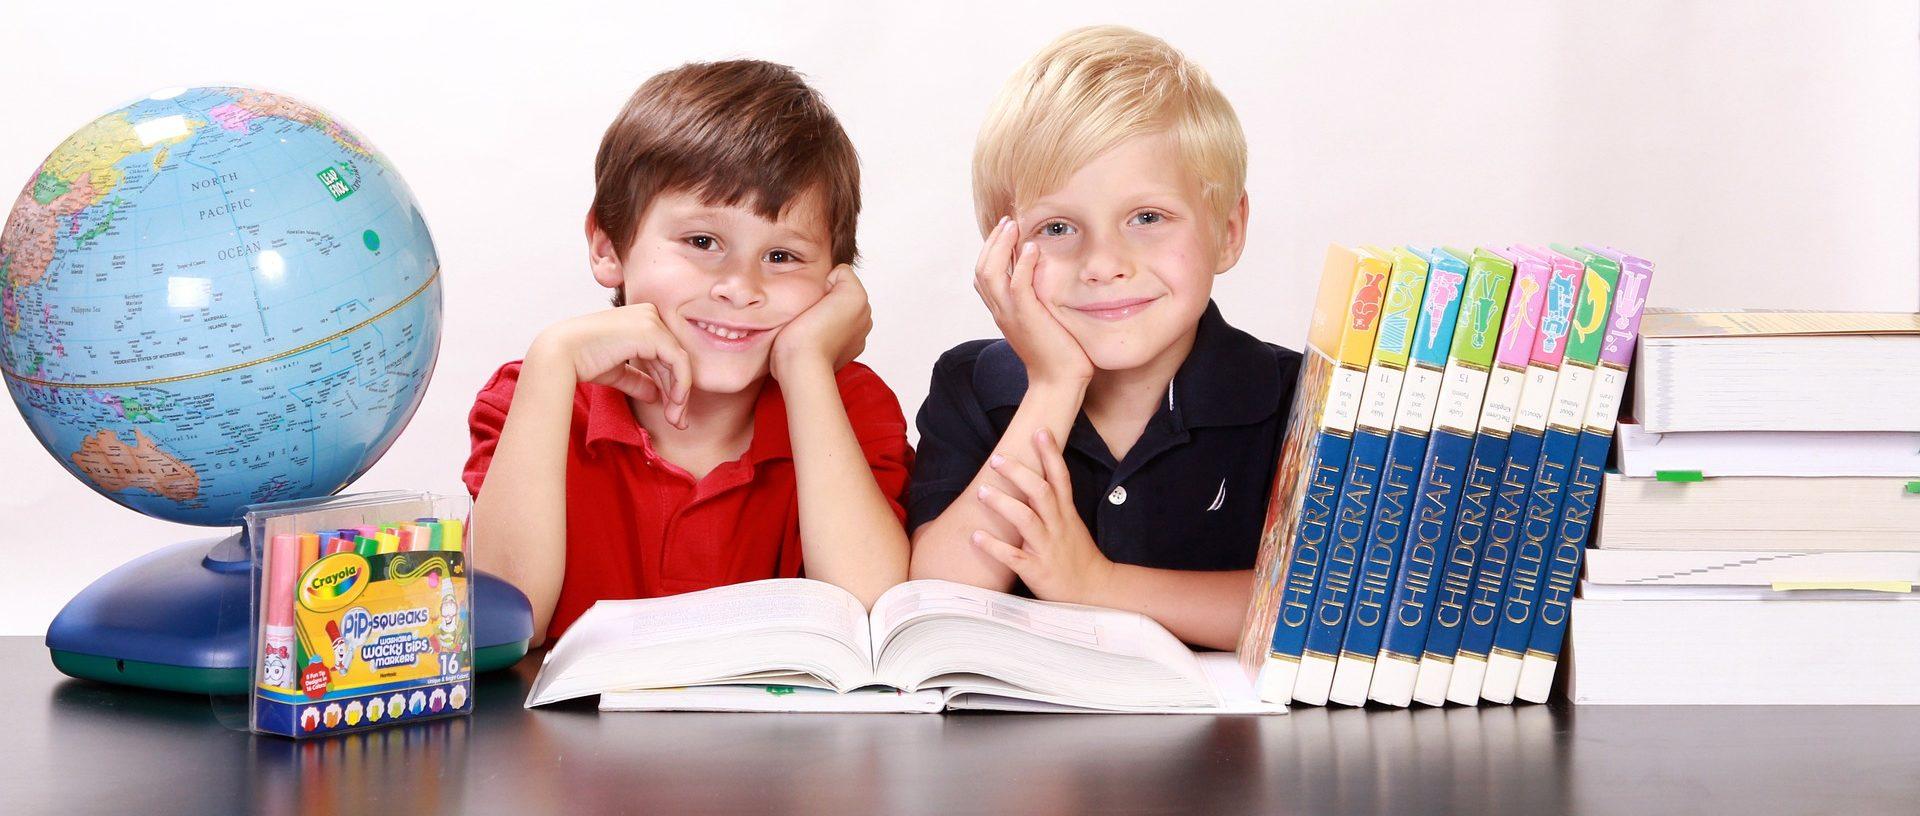 英語学習を家庭で続けるポイント